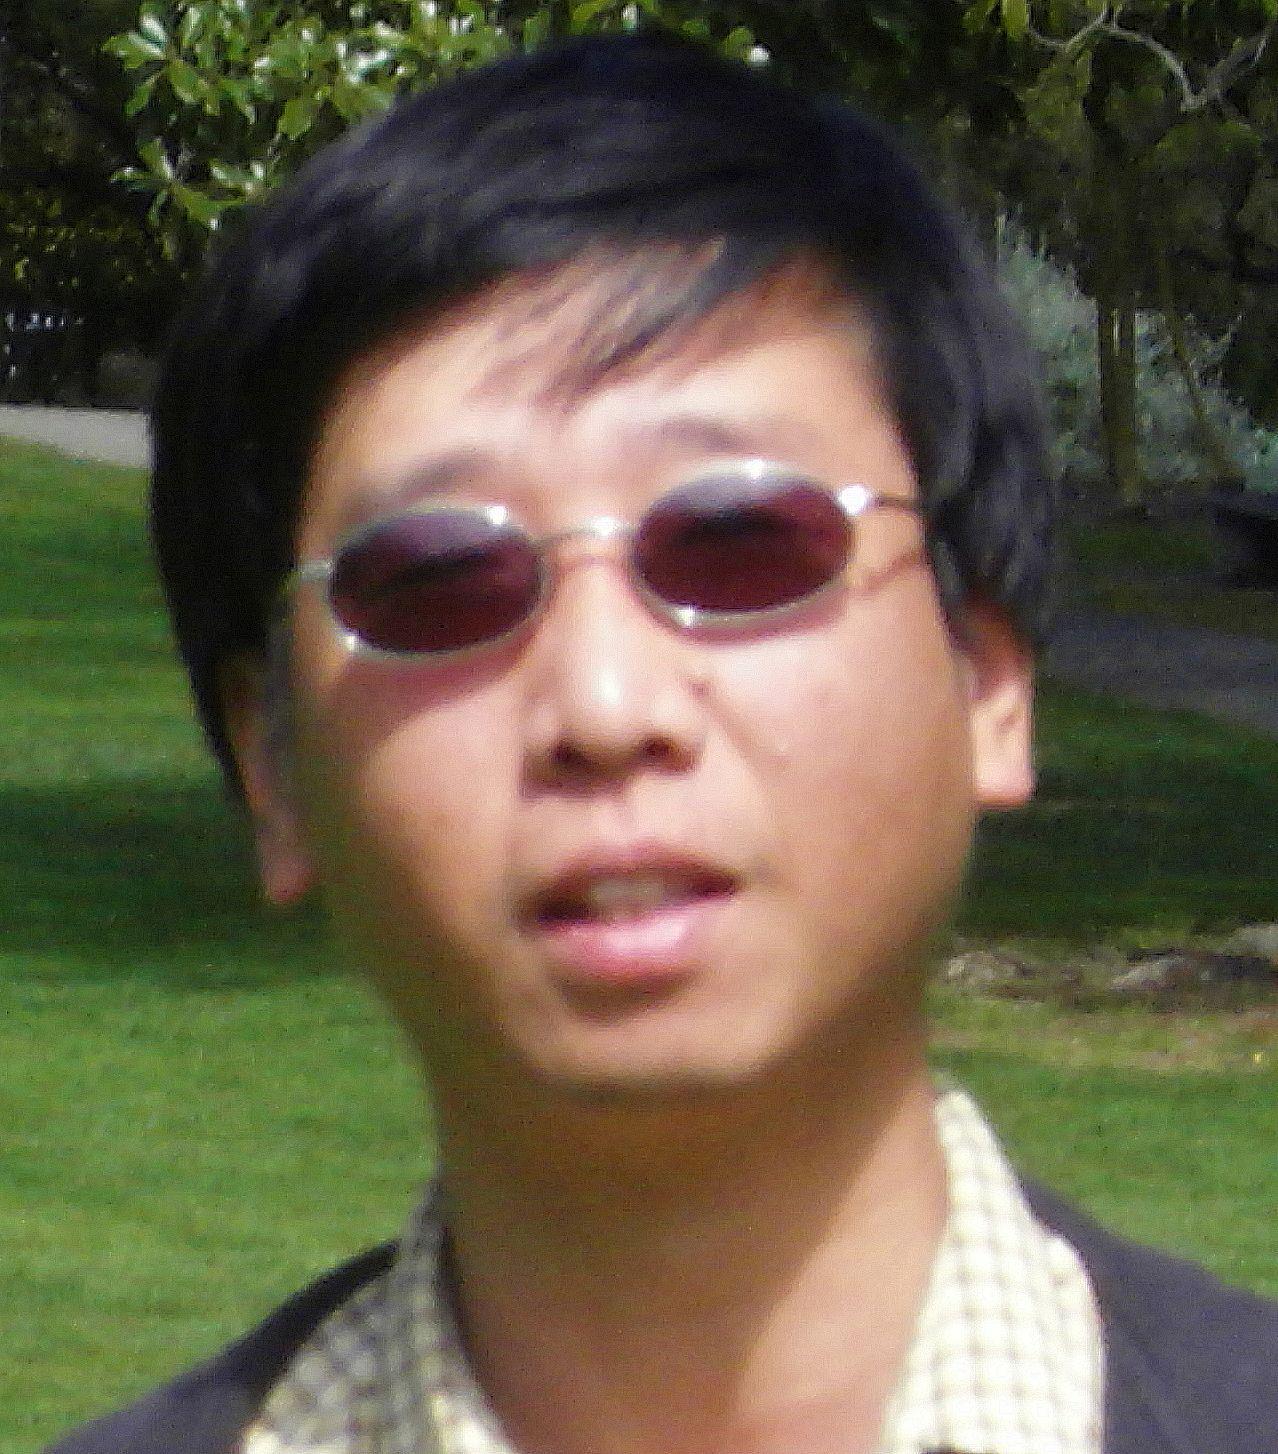 Sangjo Lee